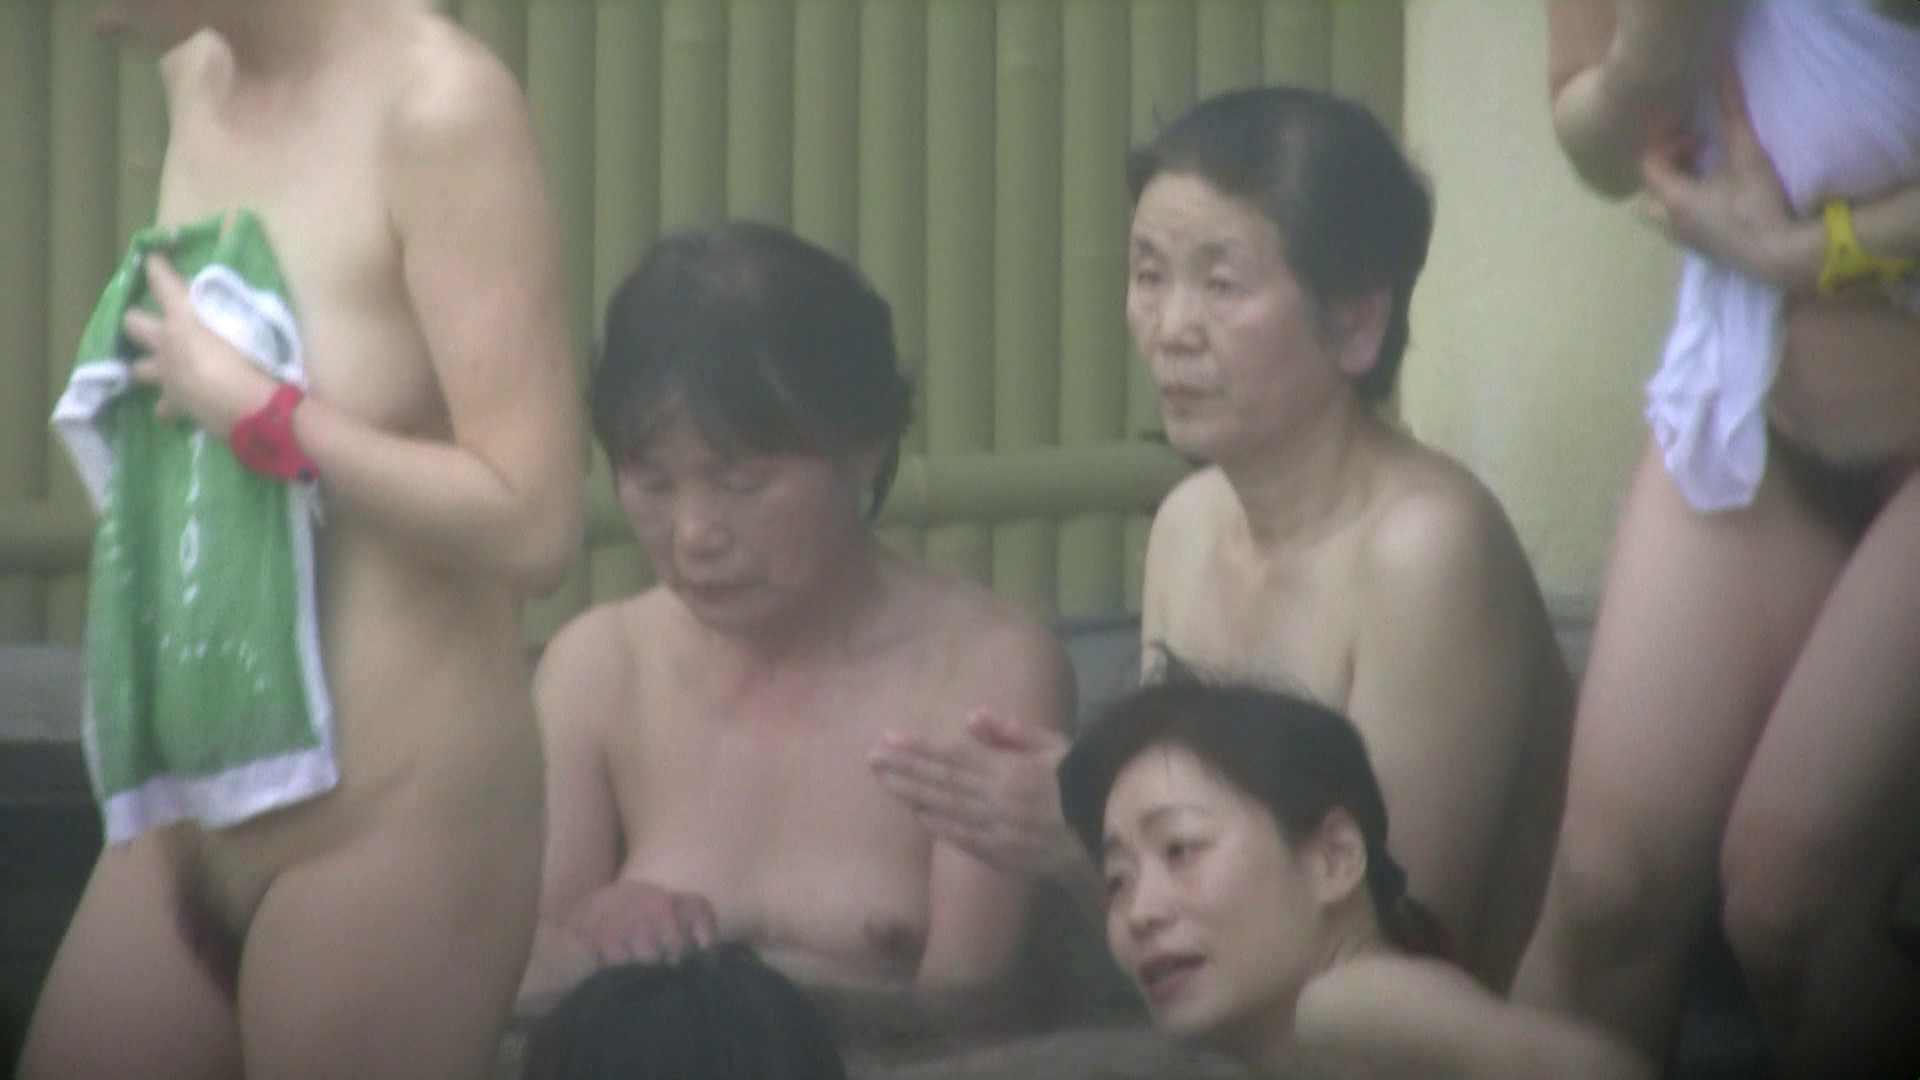 Aquaな露天風呂Vol.584 美しいOLの裸体 | 盗撮師作品  75pic 19